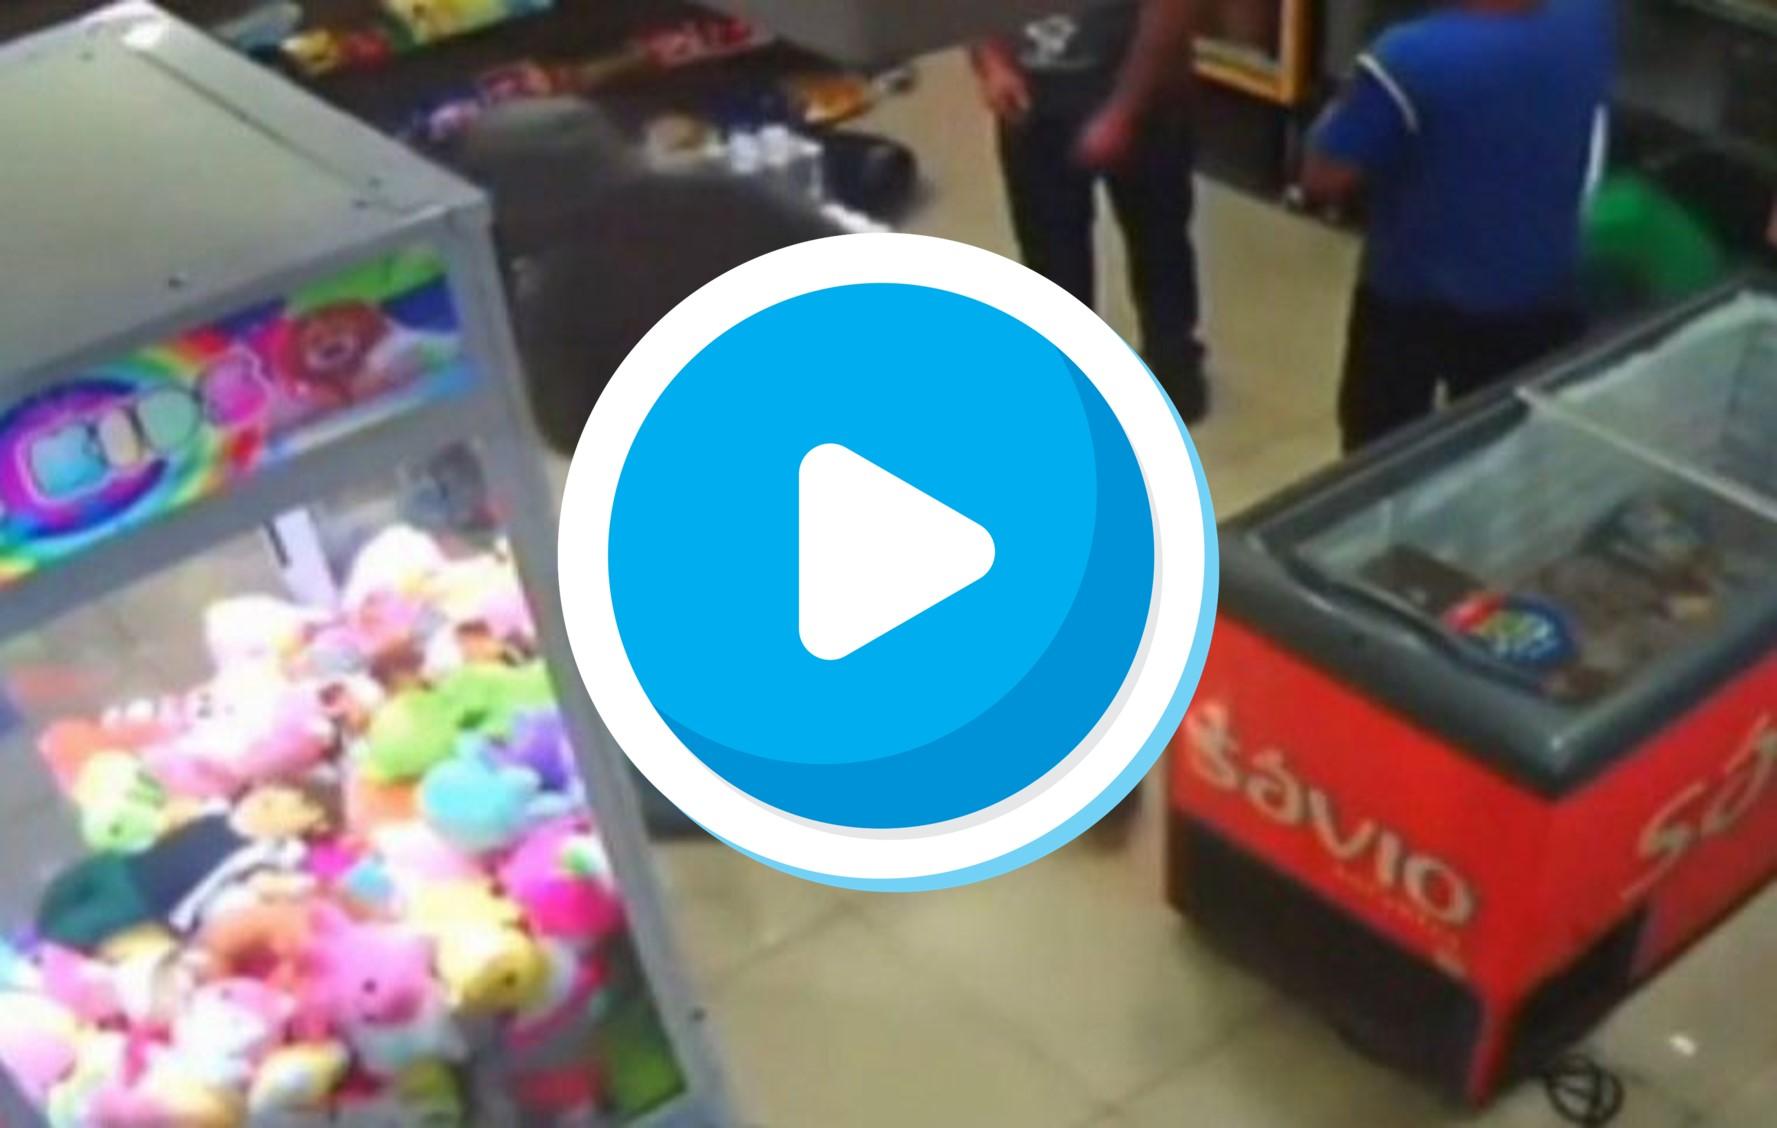 Assaltante morre após atirar acidentalmente contra o próprio pescoço durante assalto – Veja o vídeo